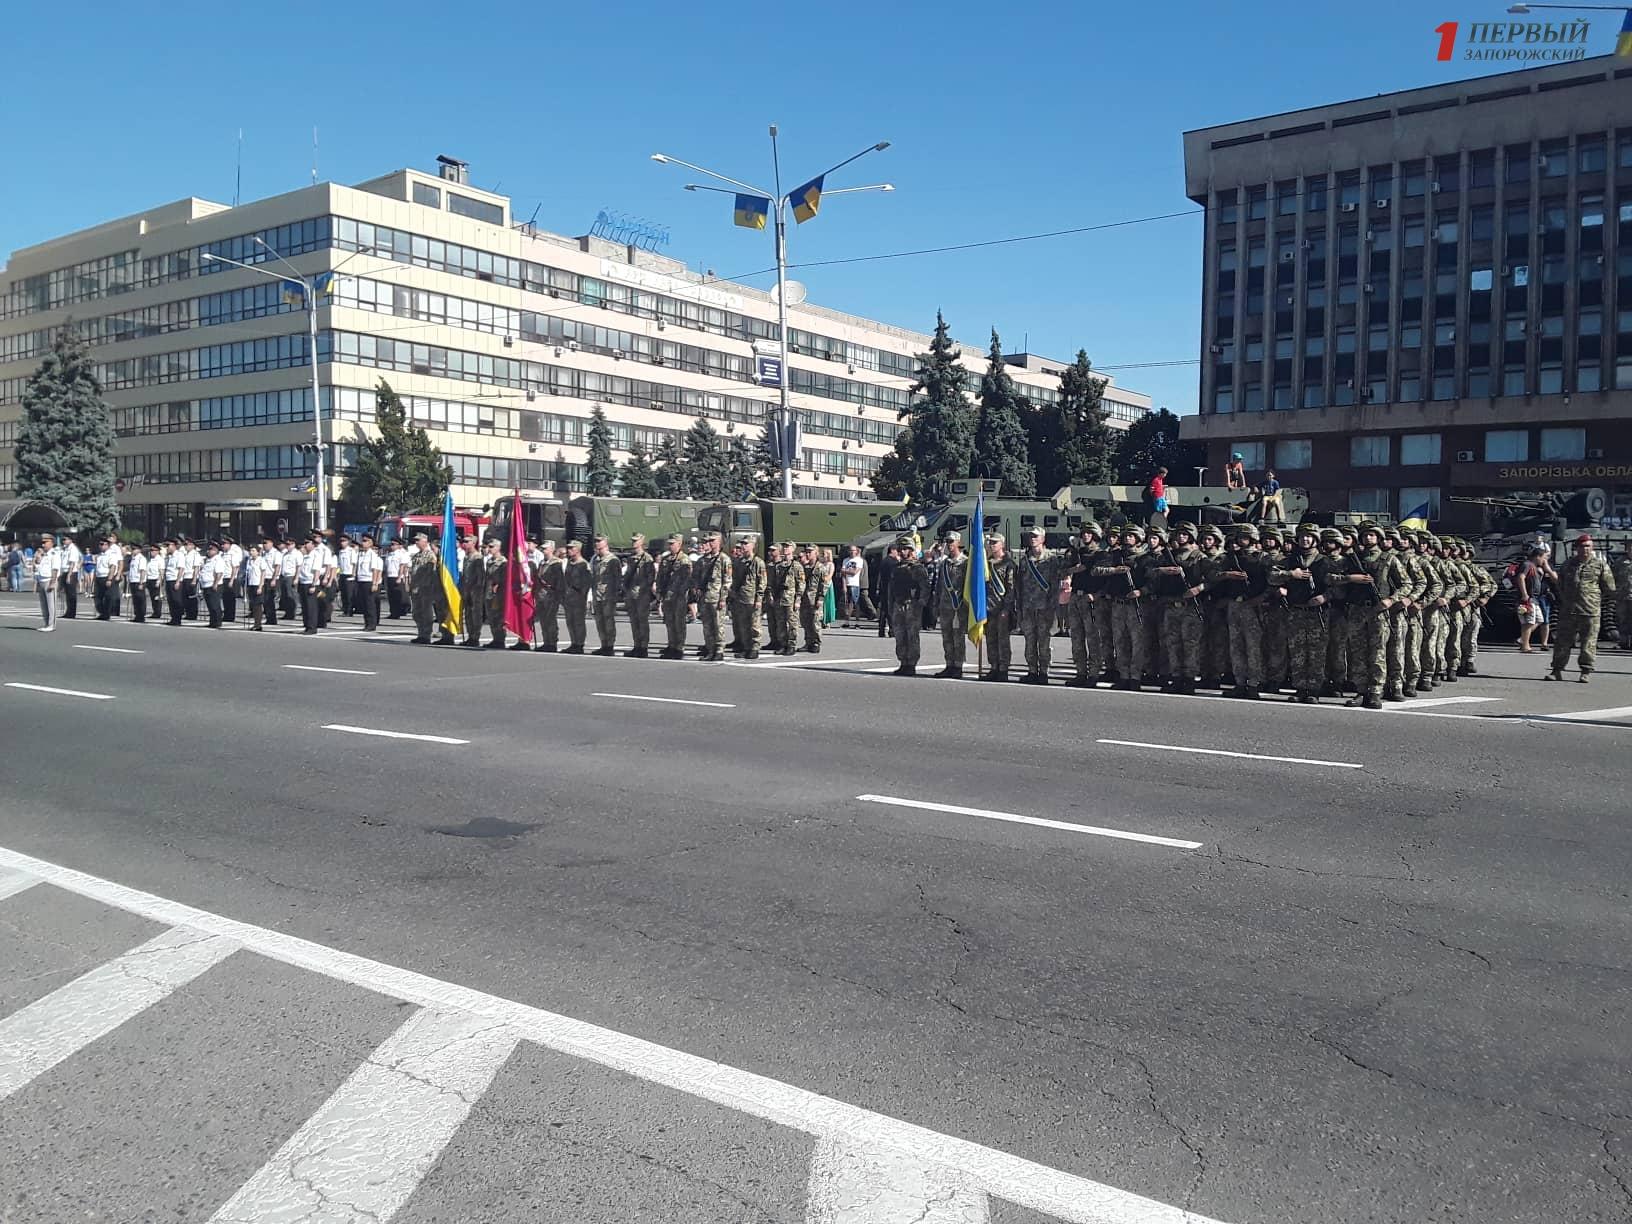 В Запорожье 450 военных маршировали в центре города к годовщине Независимости Украины - ФОТО